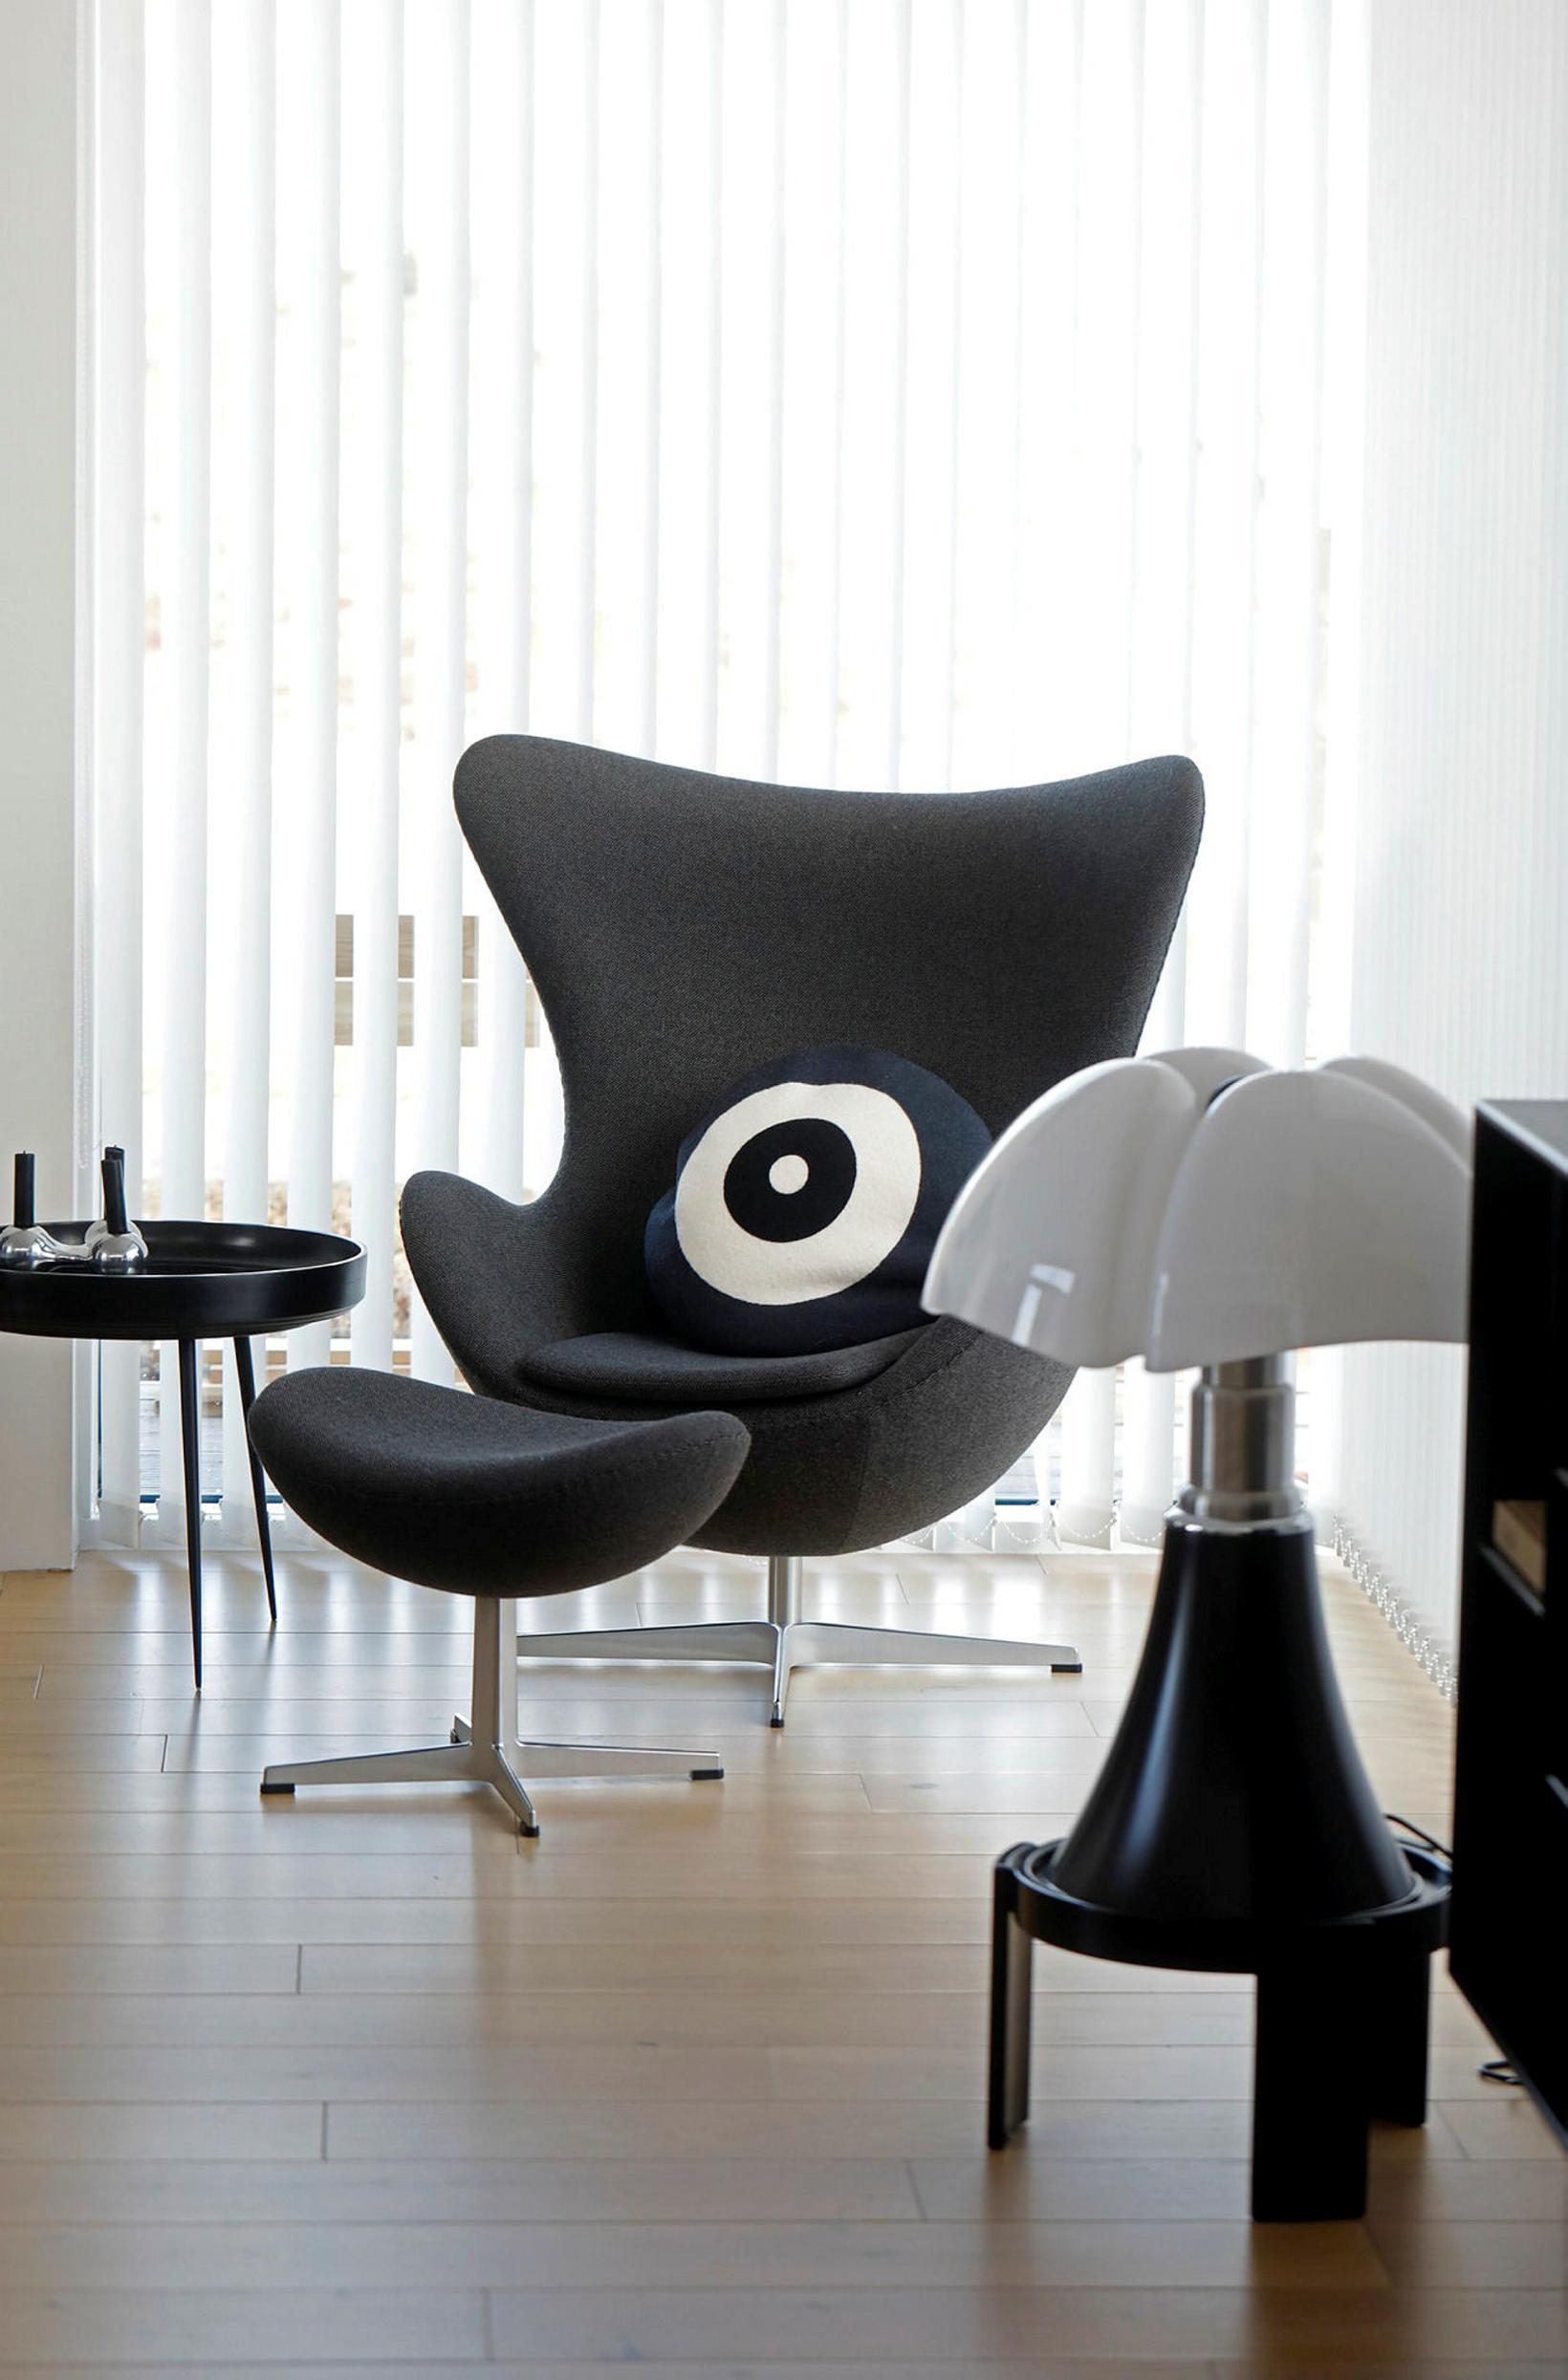 Eggið eftir Arne Jacobsen nýtur sín í stofunni.